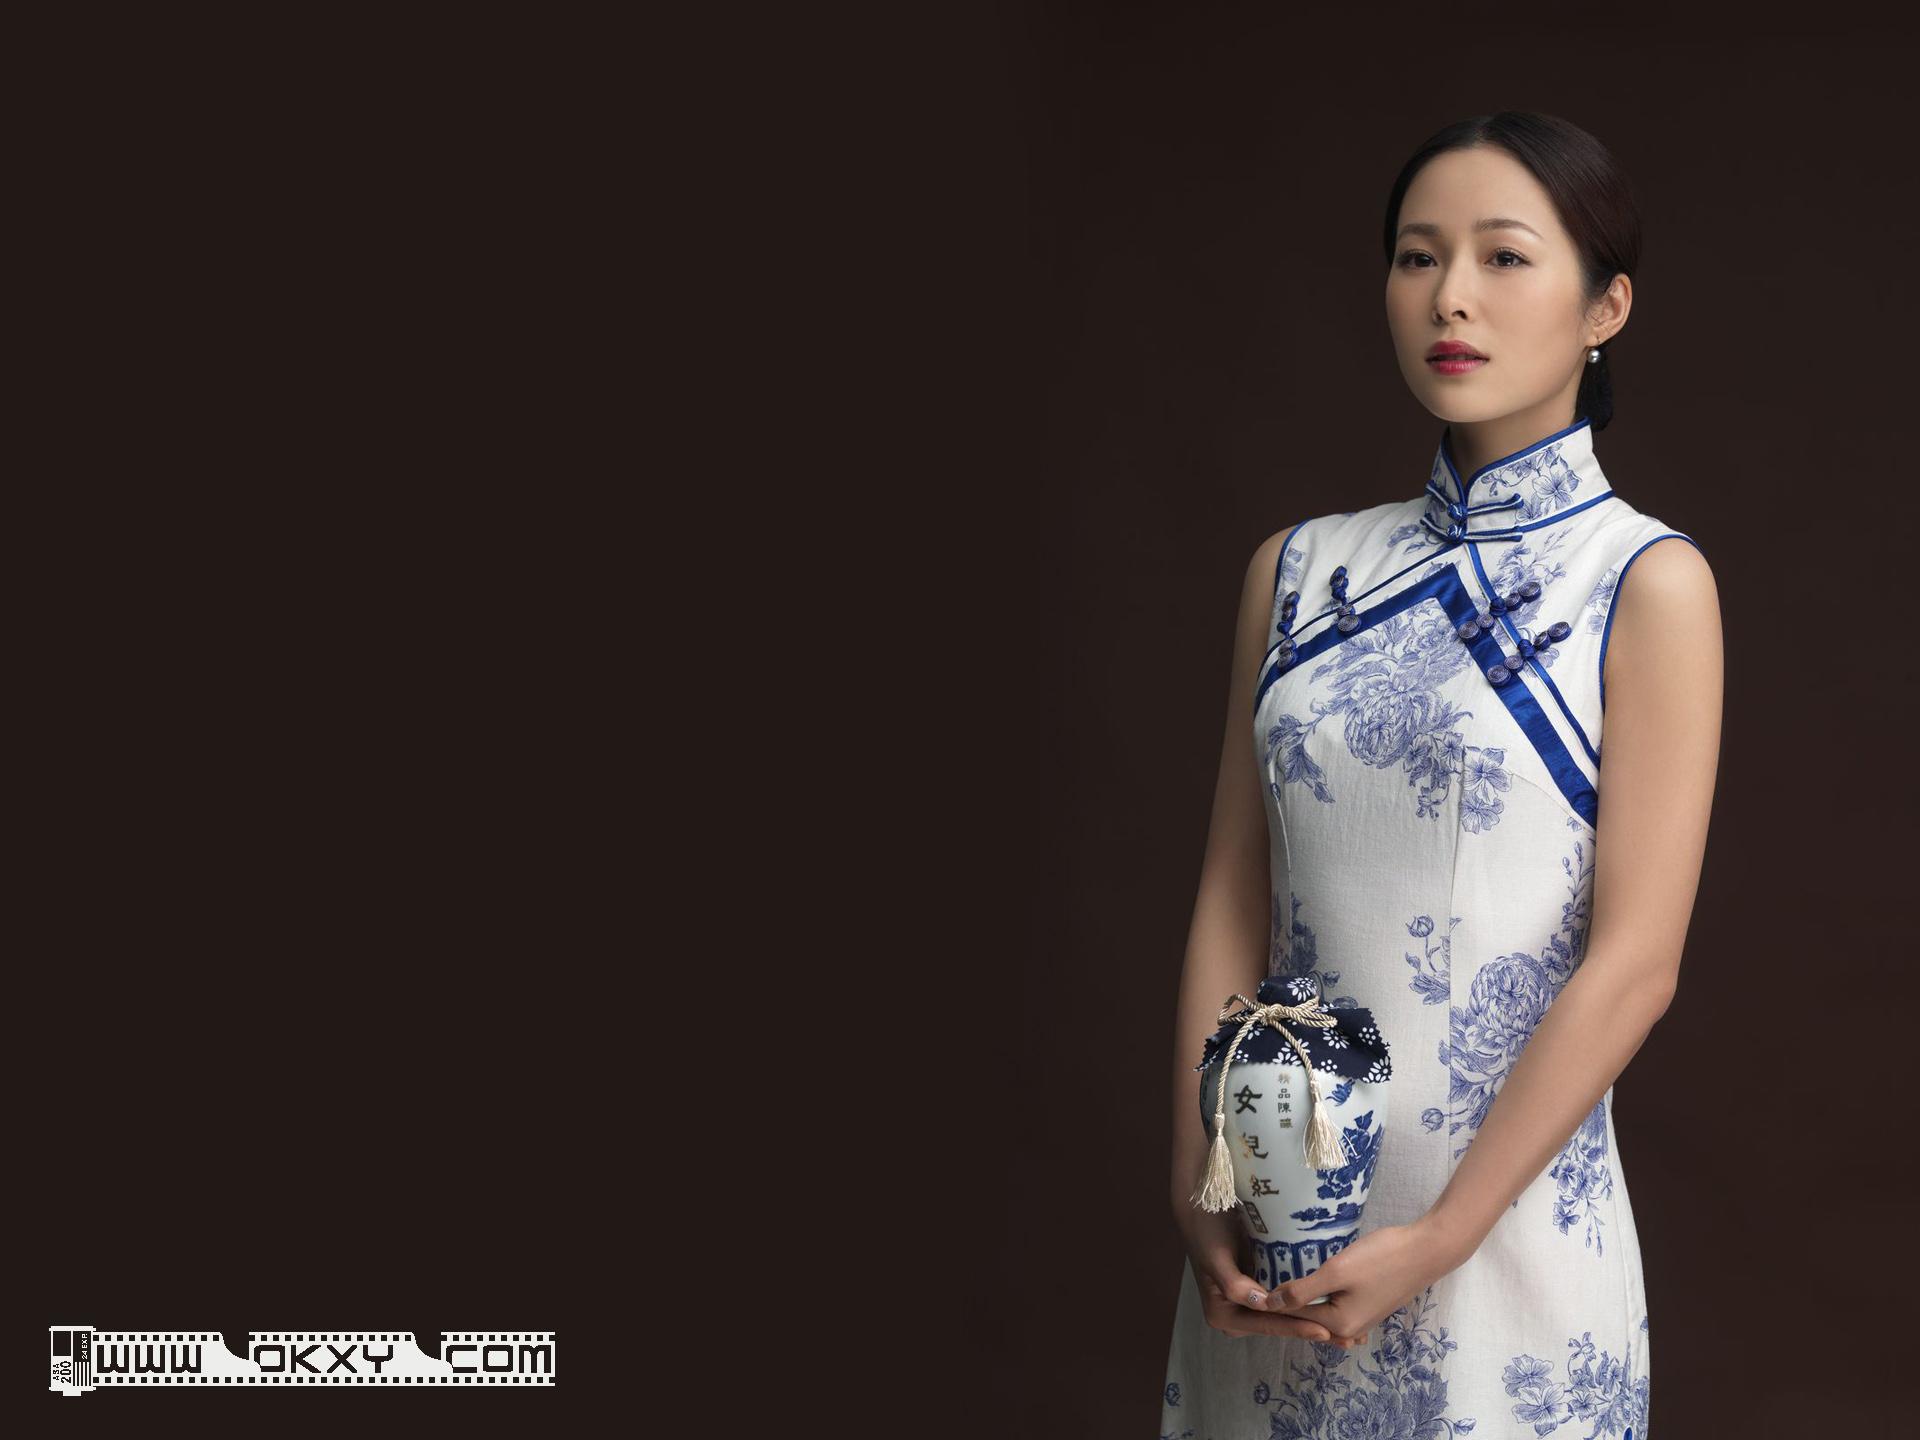 转贴:大陆女明星演员模特旗袍古典美女桌面壁纸电脑